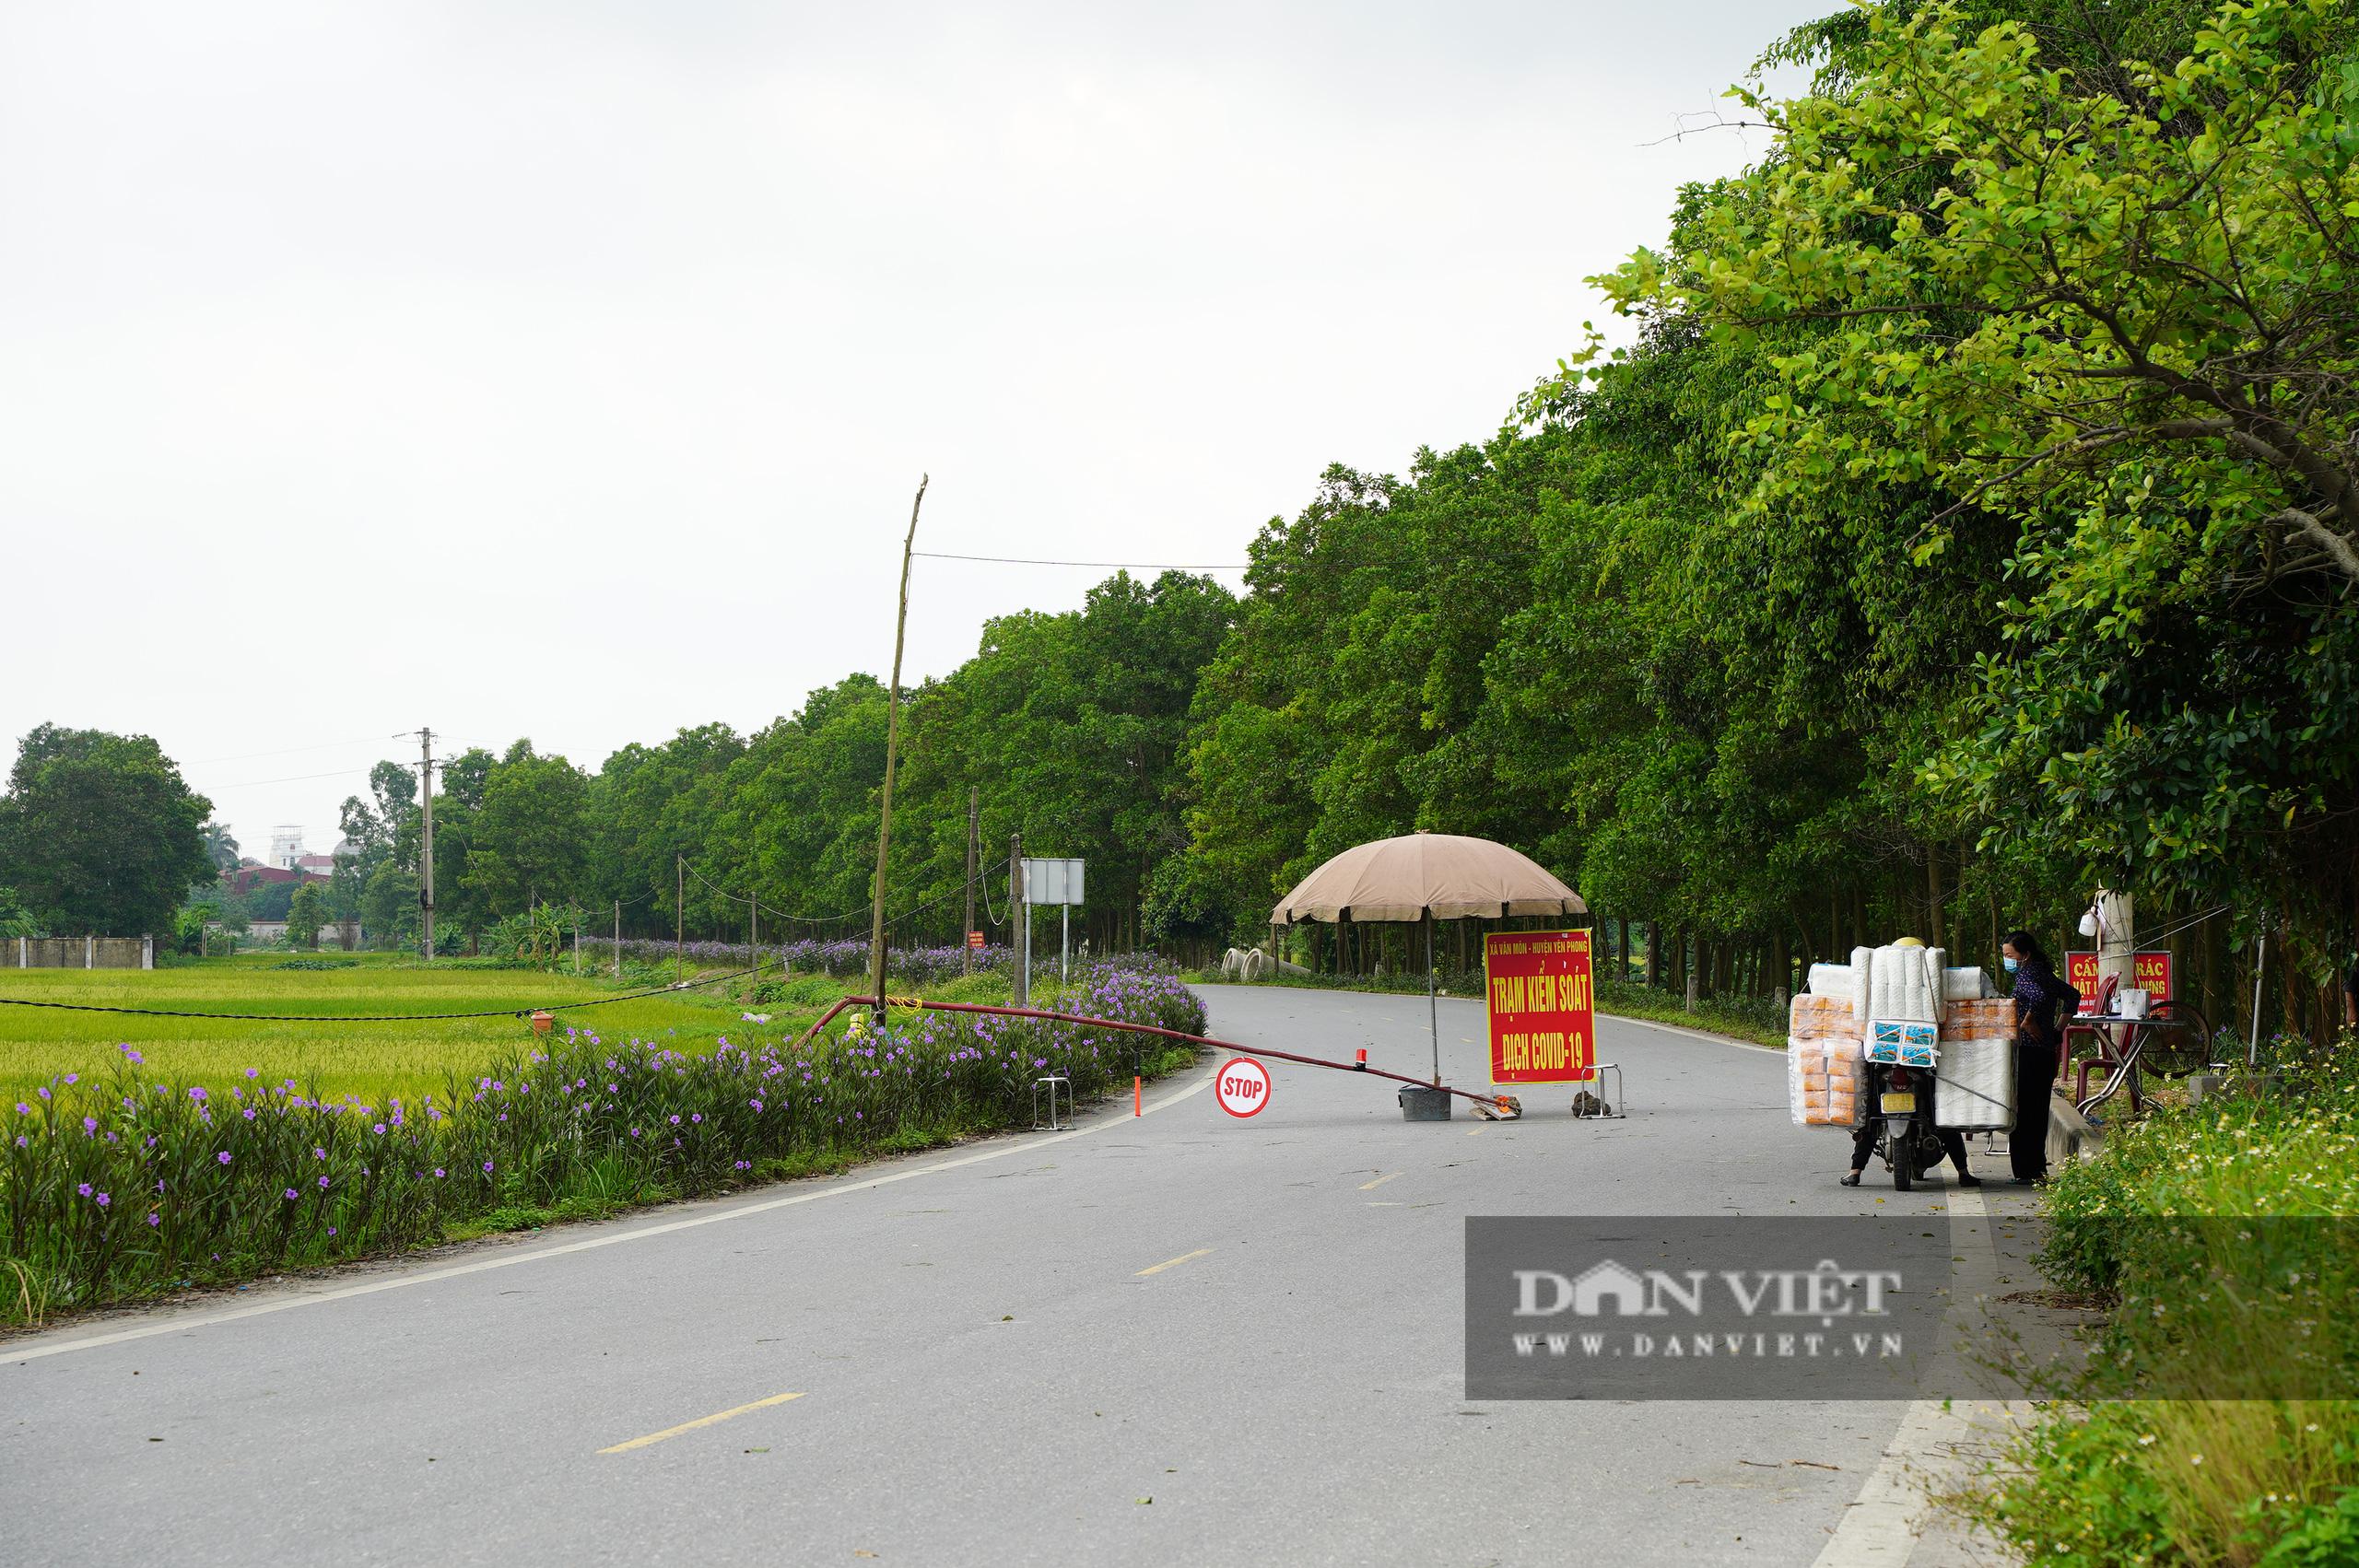 Hà Nội: Đổ đất, dựng rào phòng dịch tại các nơi tiếp giáp Bắc Giang, Bắc Ninh - Ảnh 12.